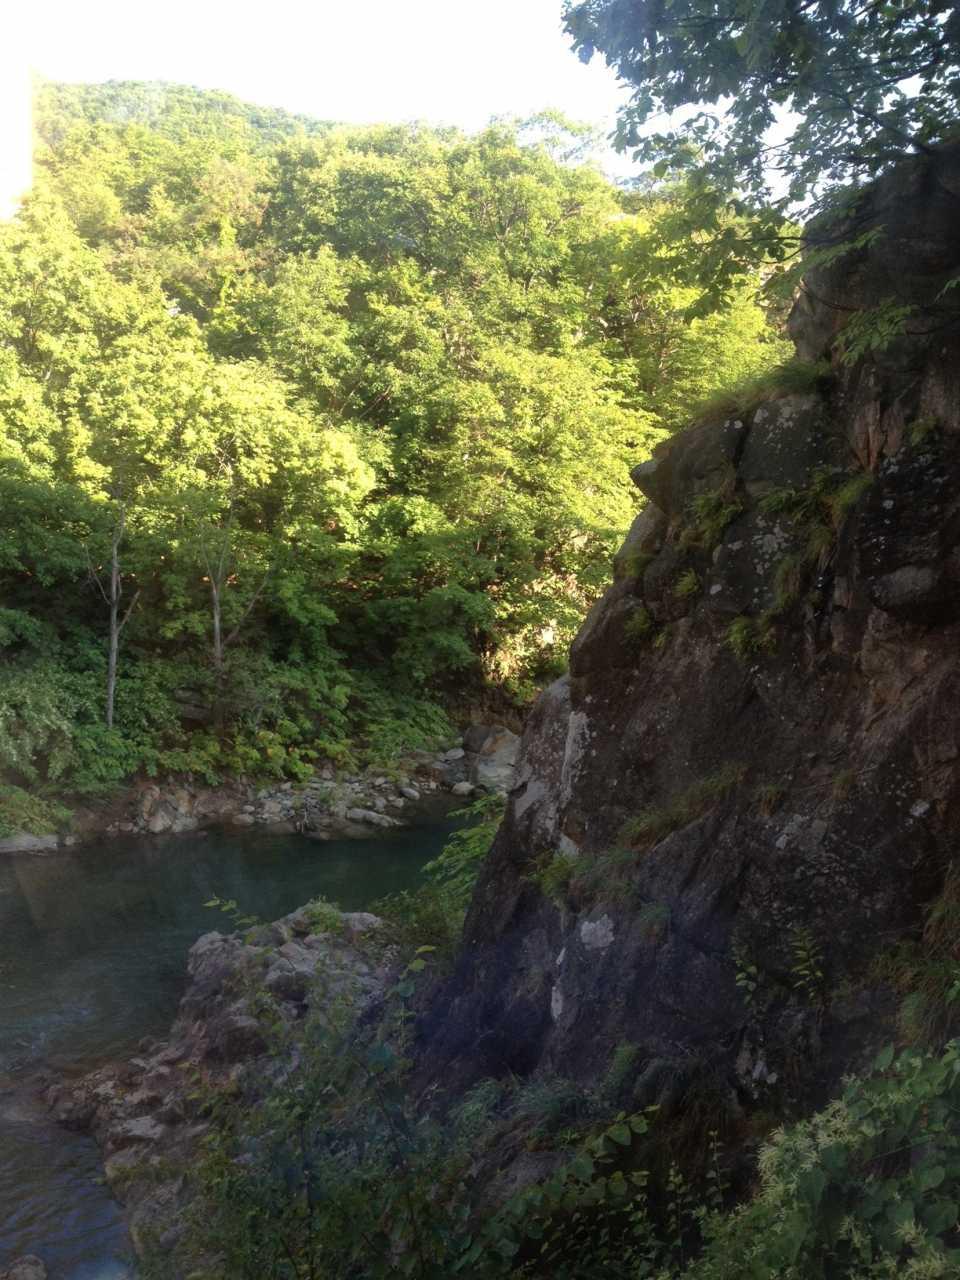 ▲ 定山渓の谷間が綺麗でした。